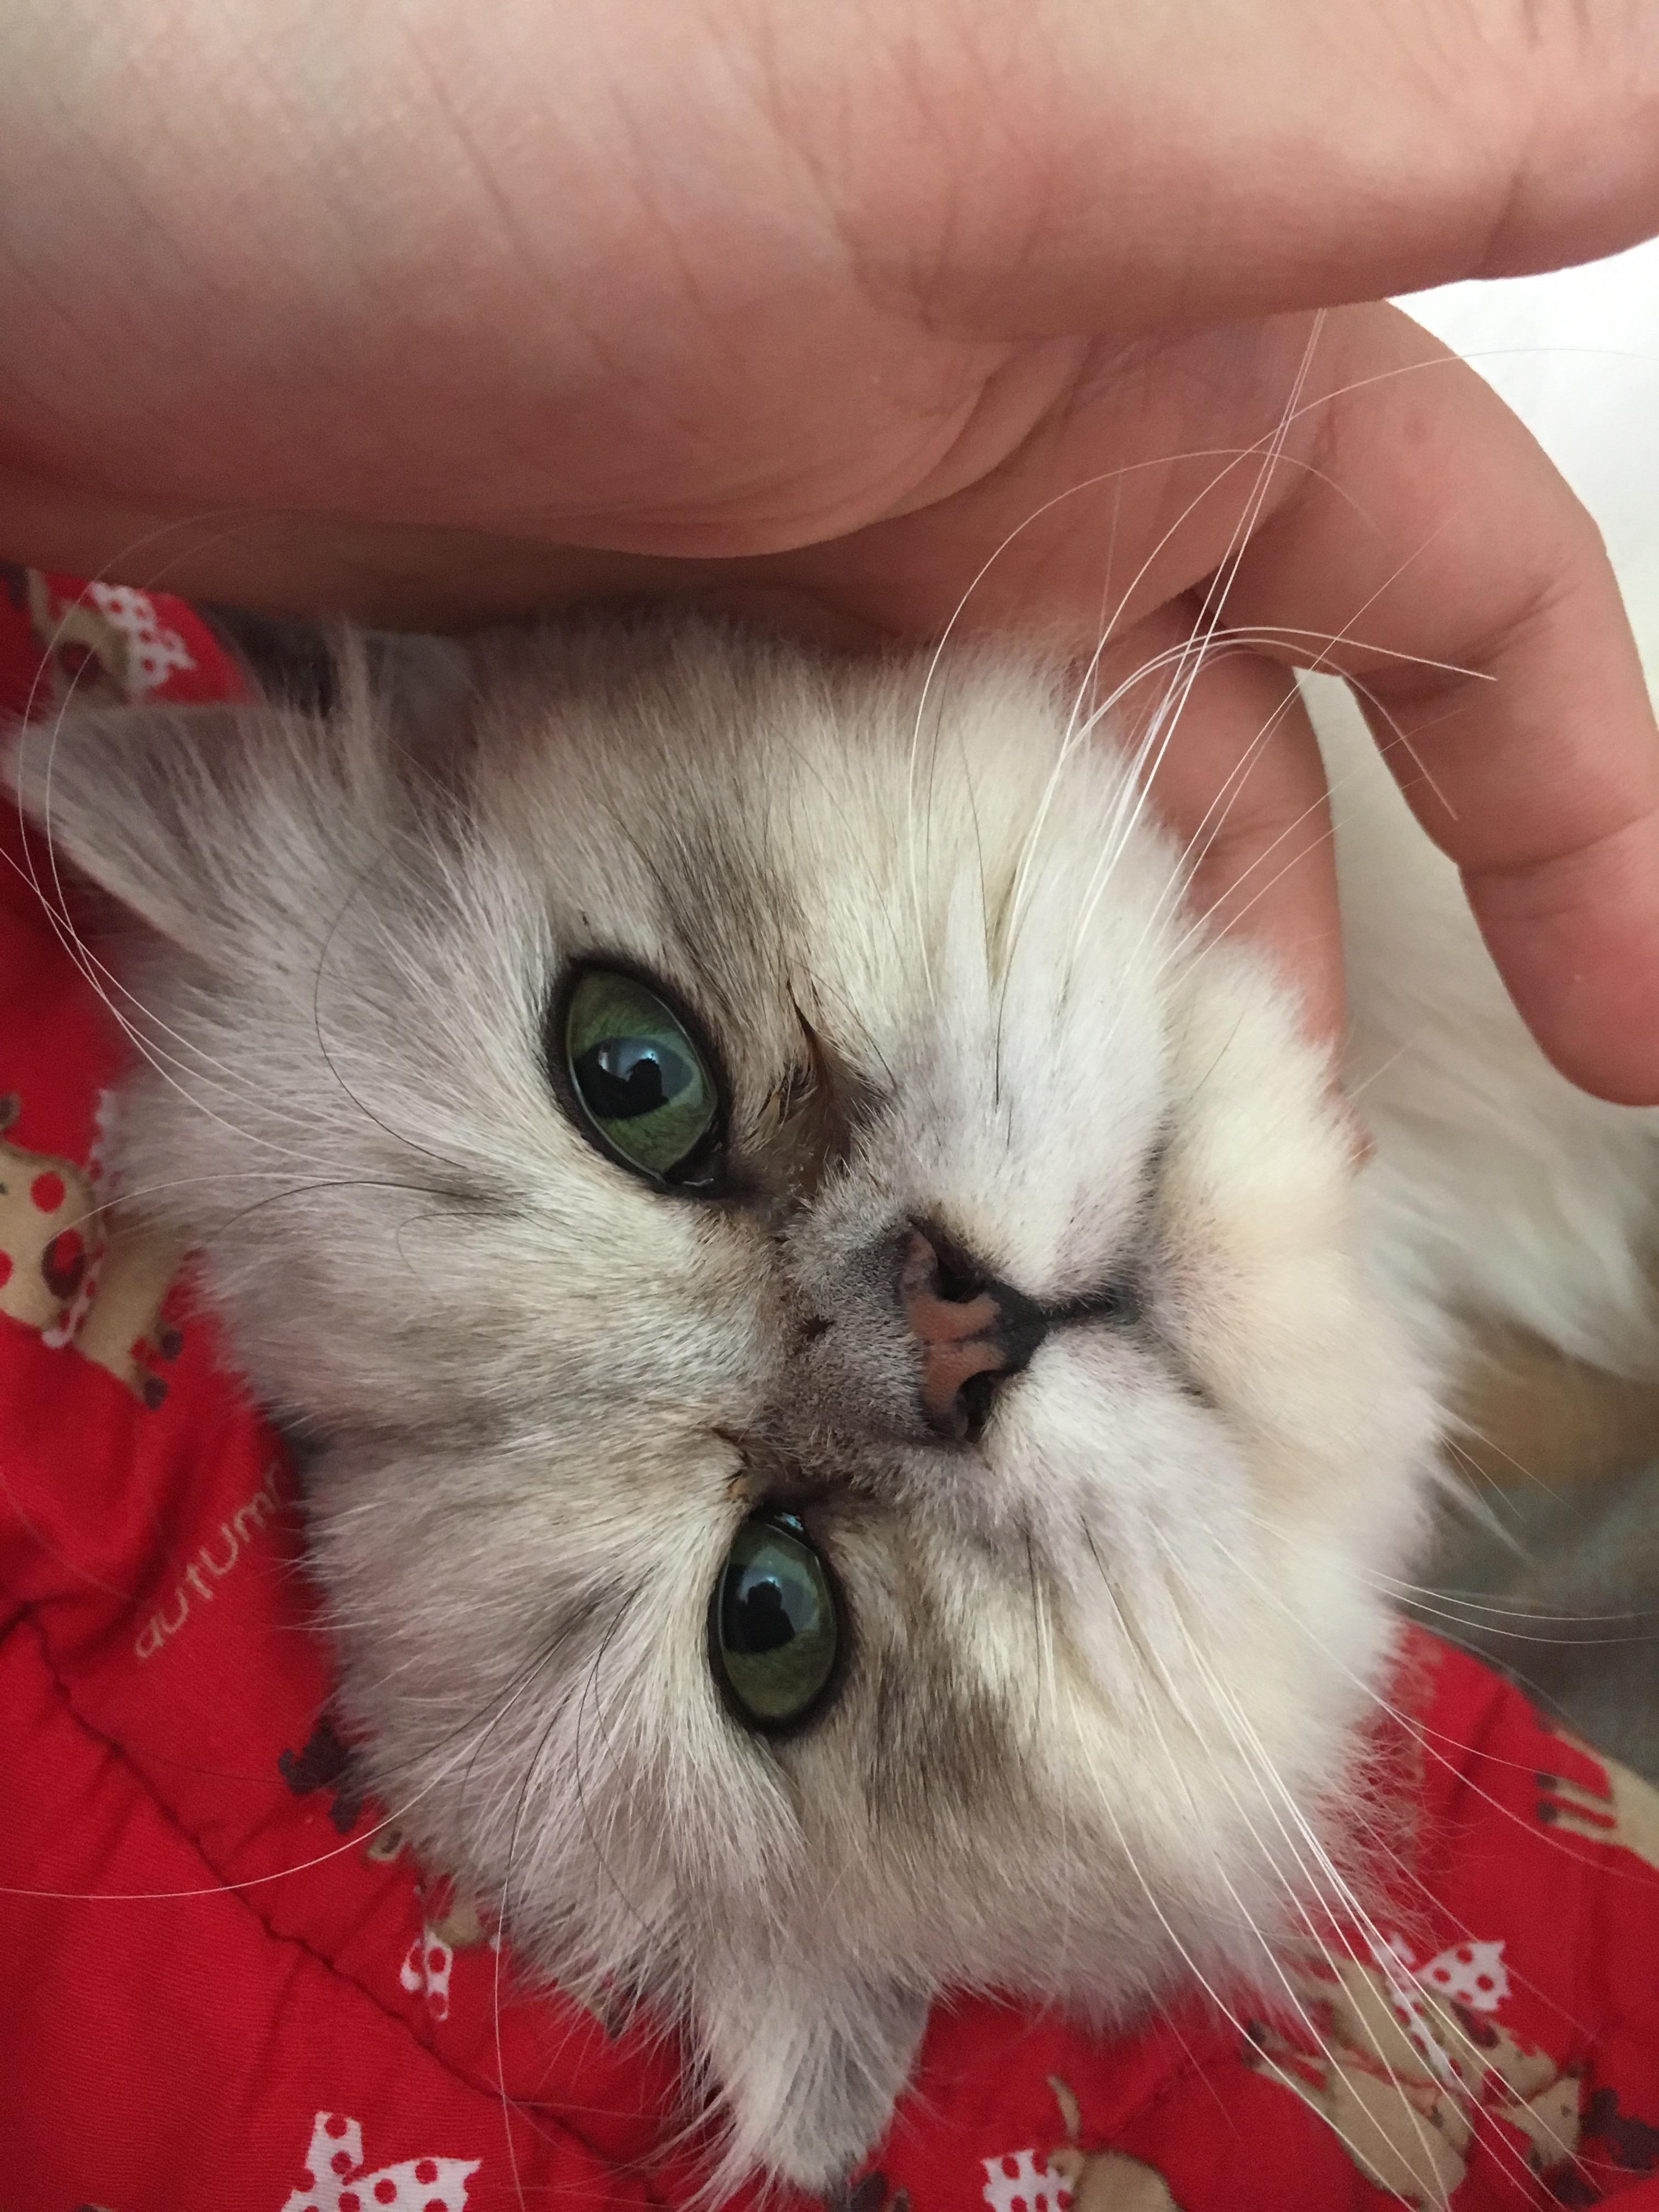 小猫流眼泪,有轻微鼻涕,是什么状况?